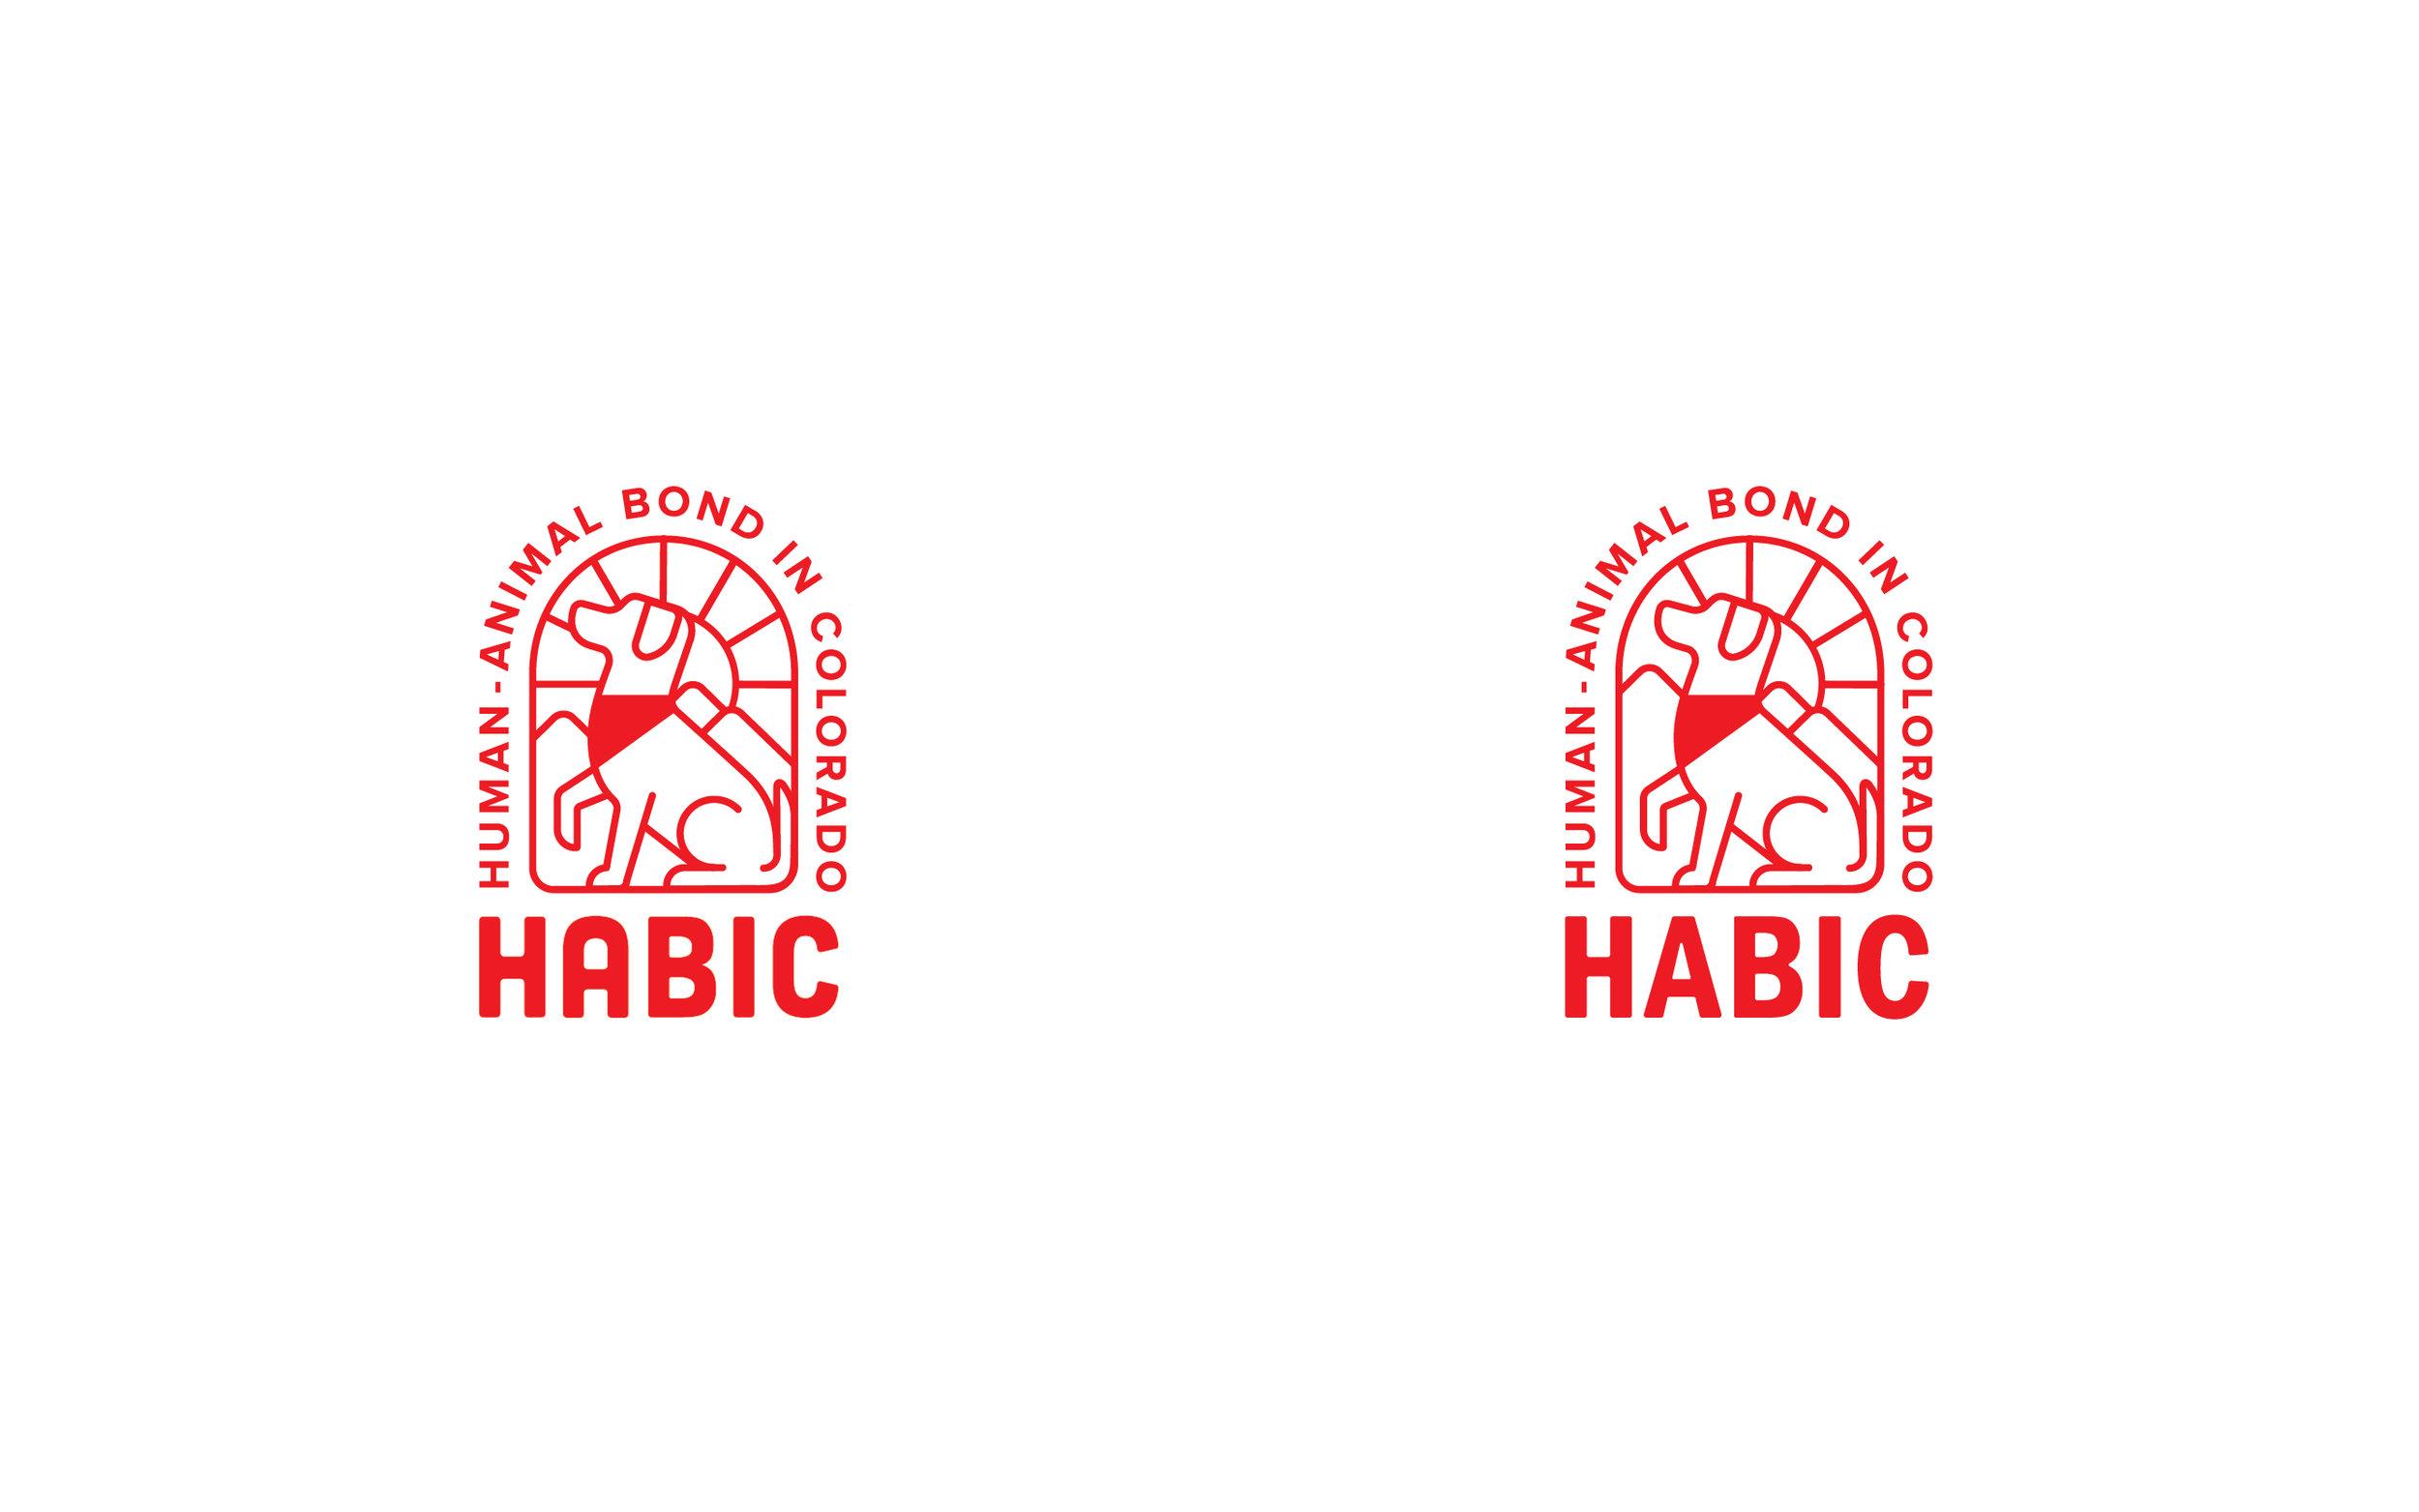 HABIC_Logos_2-03-03.jpg